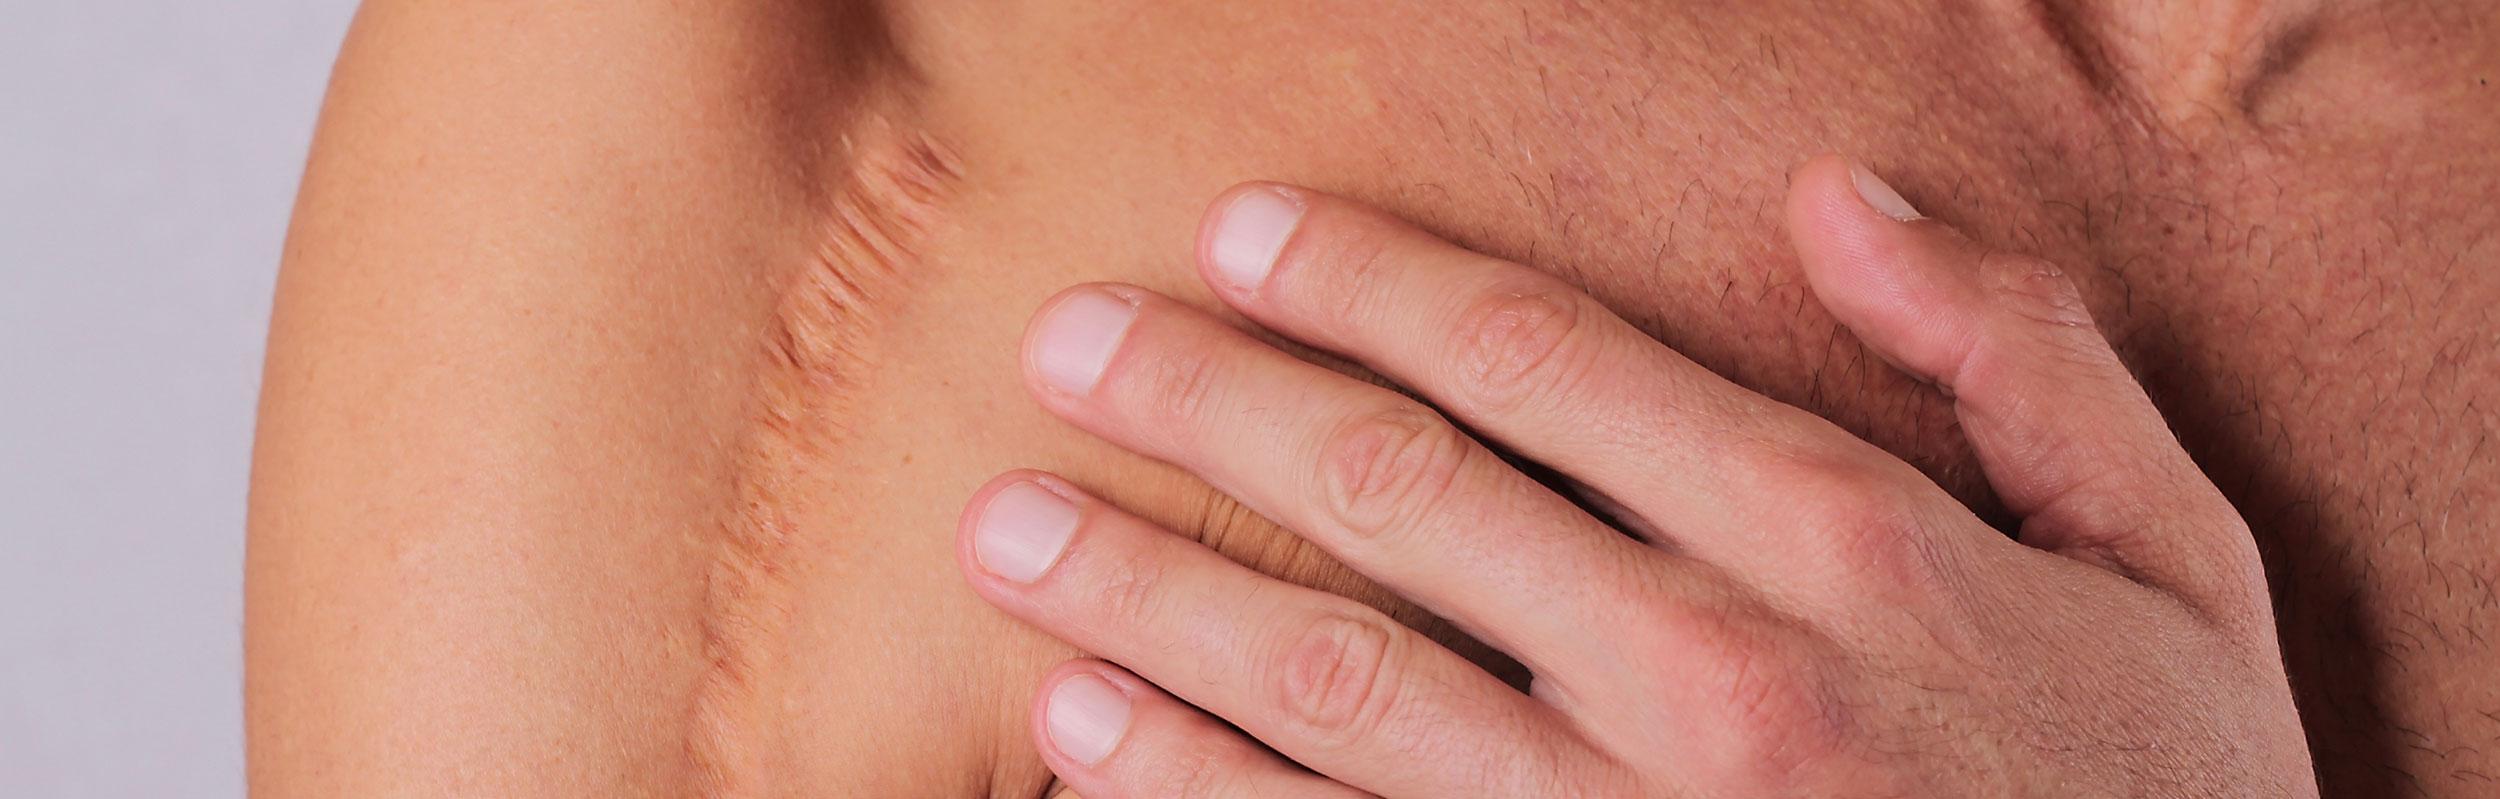 Traitement des cicatrices Homme en médecine esthétique à Rouen